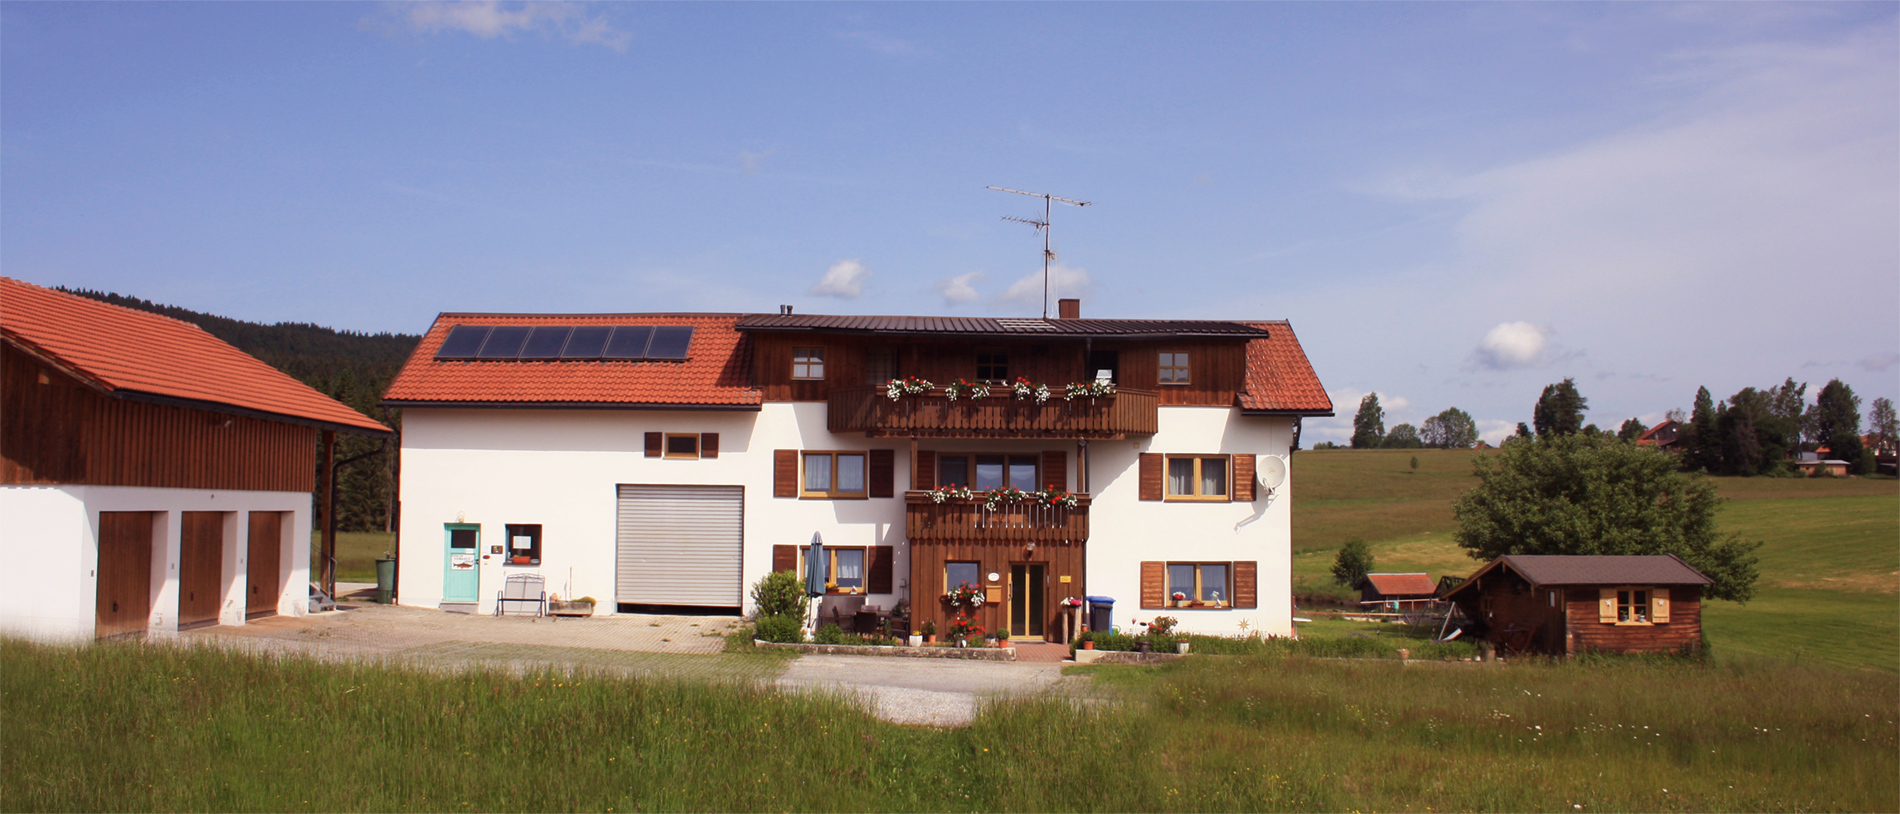 Haus Anny ist die perfekte Unterkunft für Ihren Traumurlaub im Bayerischen Wald